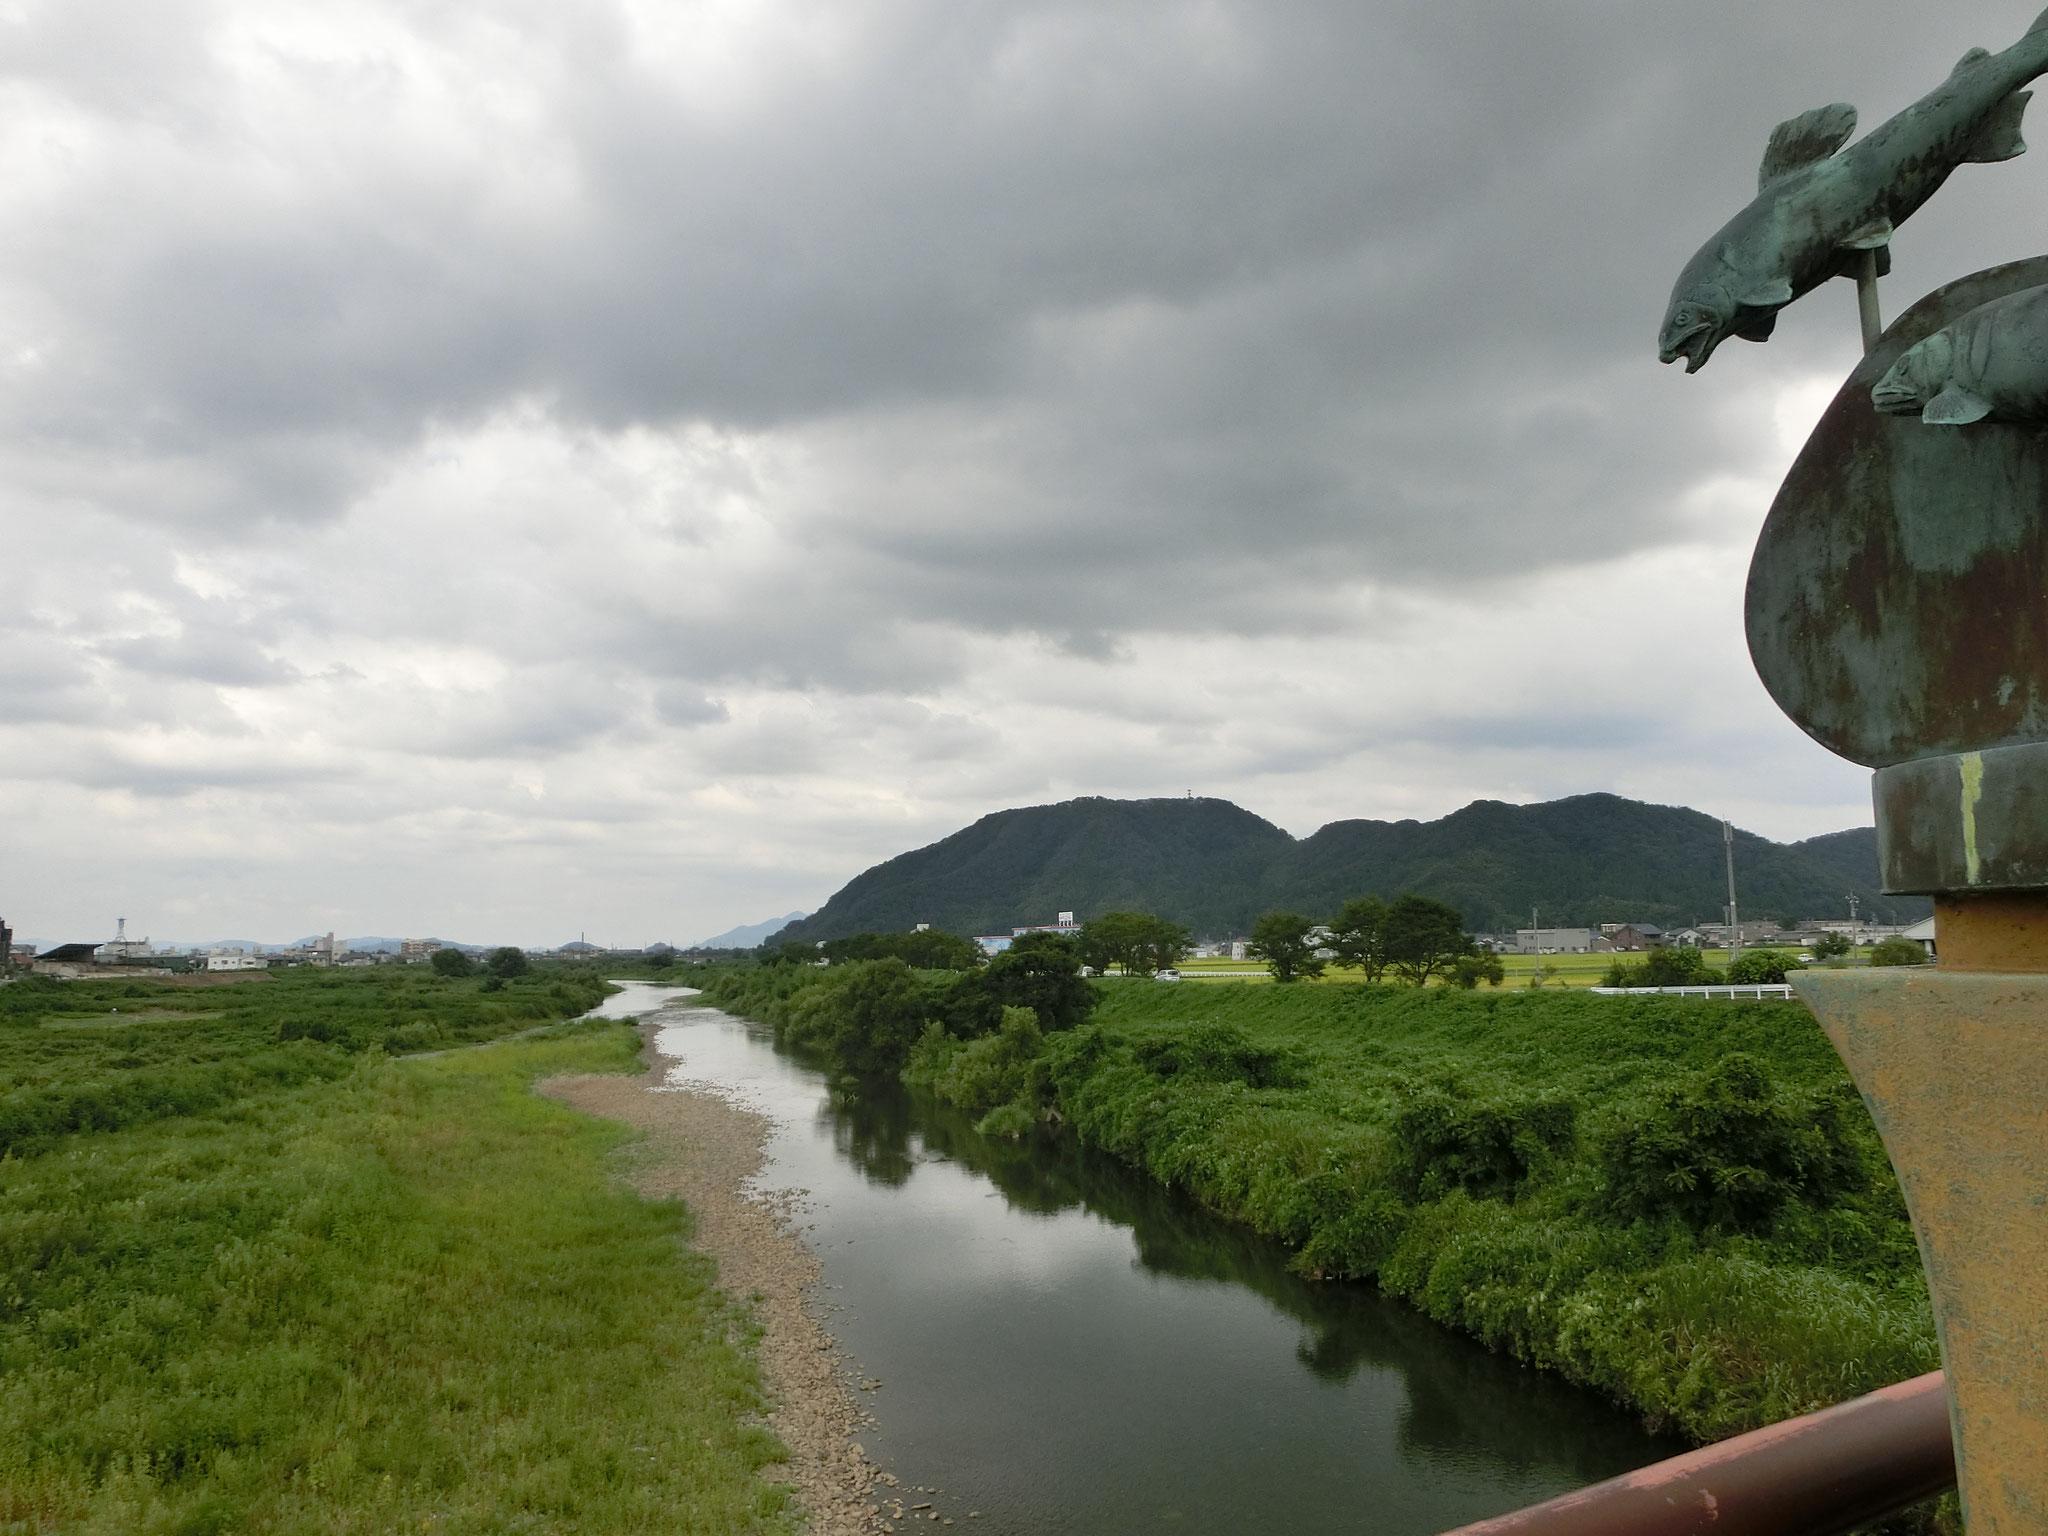 H28.8.24 12時15分  越前市日野大橋下流